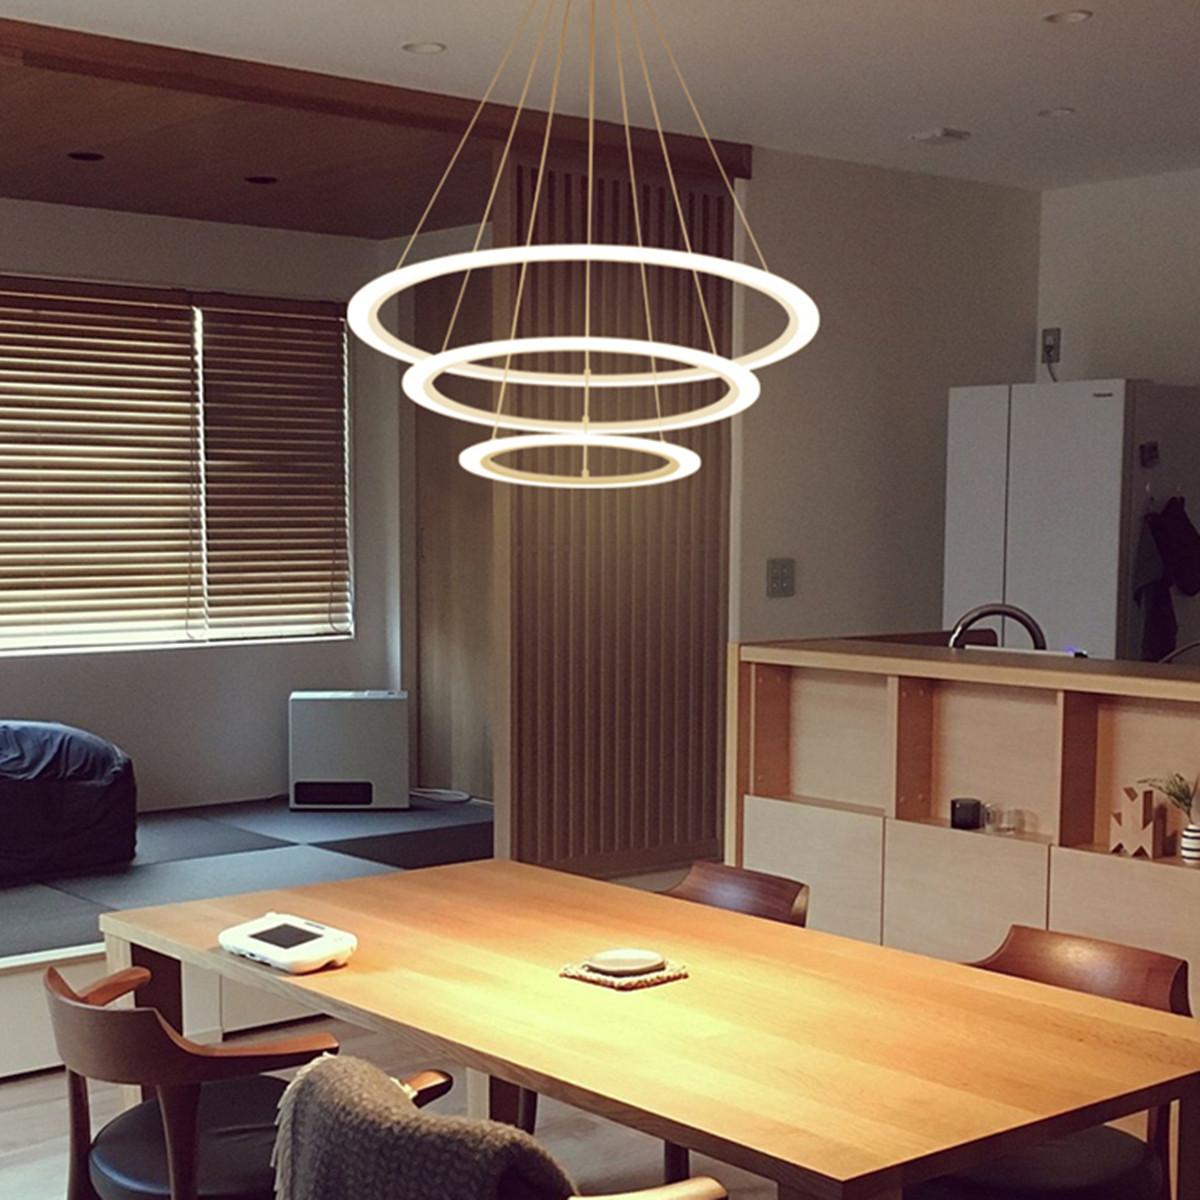 Acrylic Led Ring Chandelier Pendant Lamp Ceiling Light: Modern 3 Ring Pendant Light Acrylic Aluminum LED